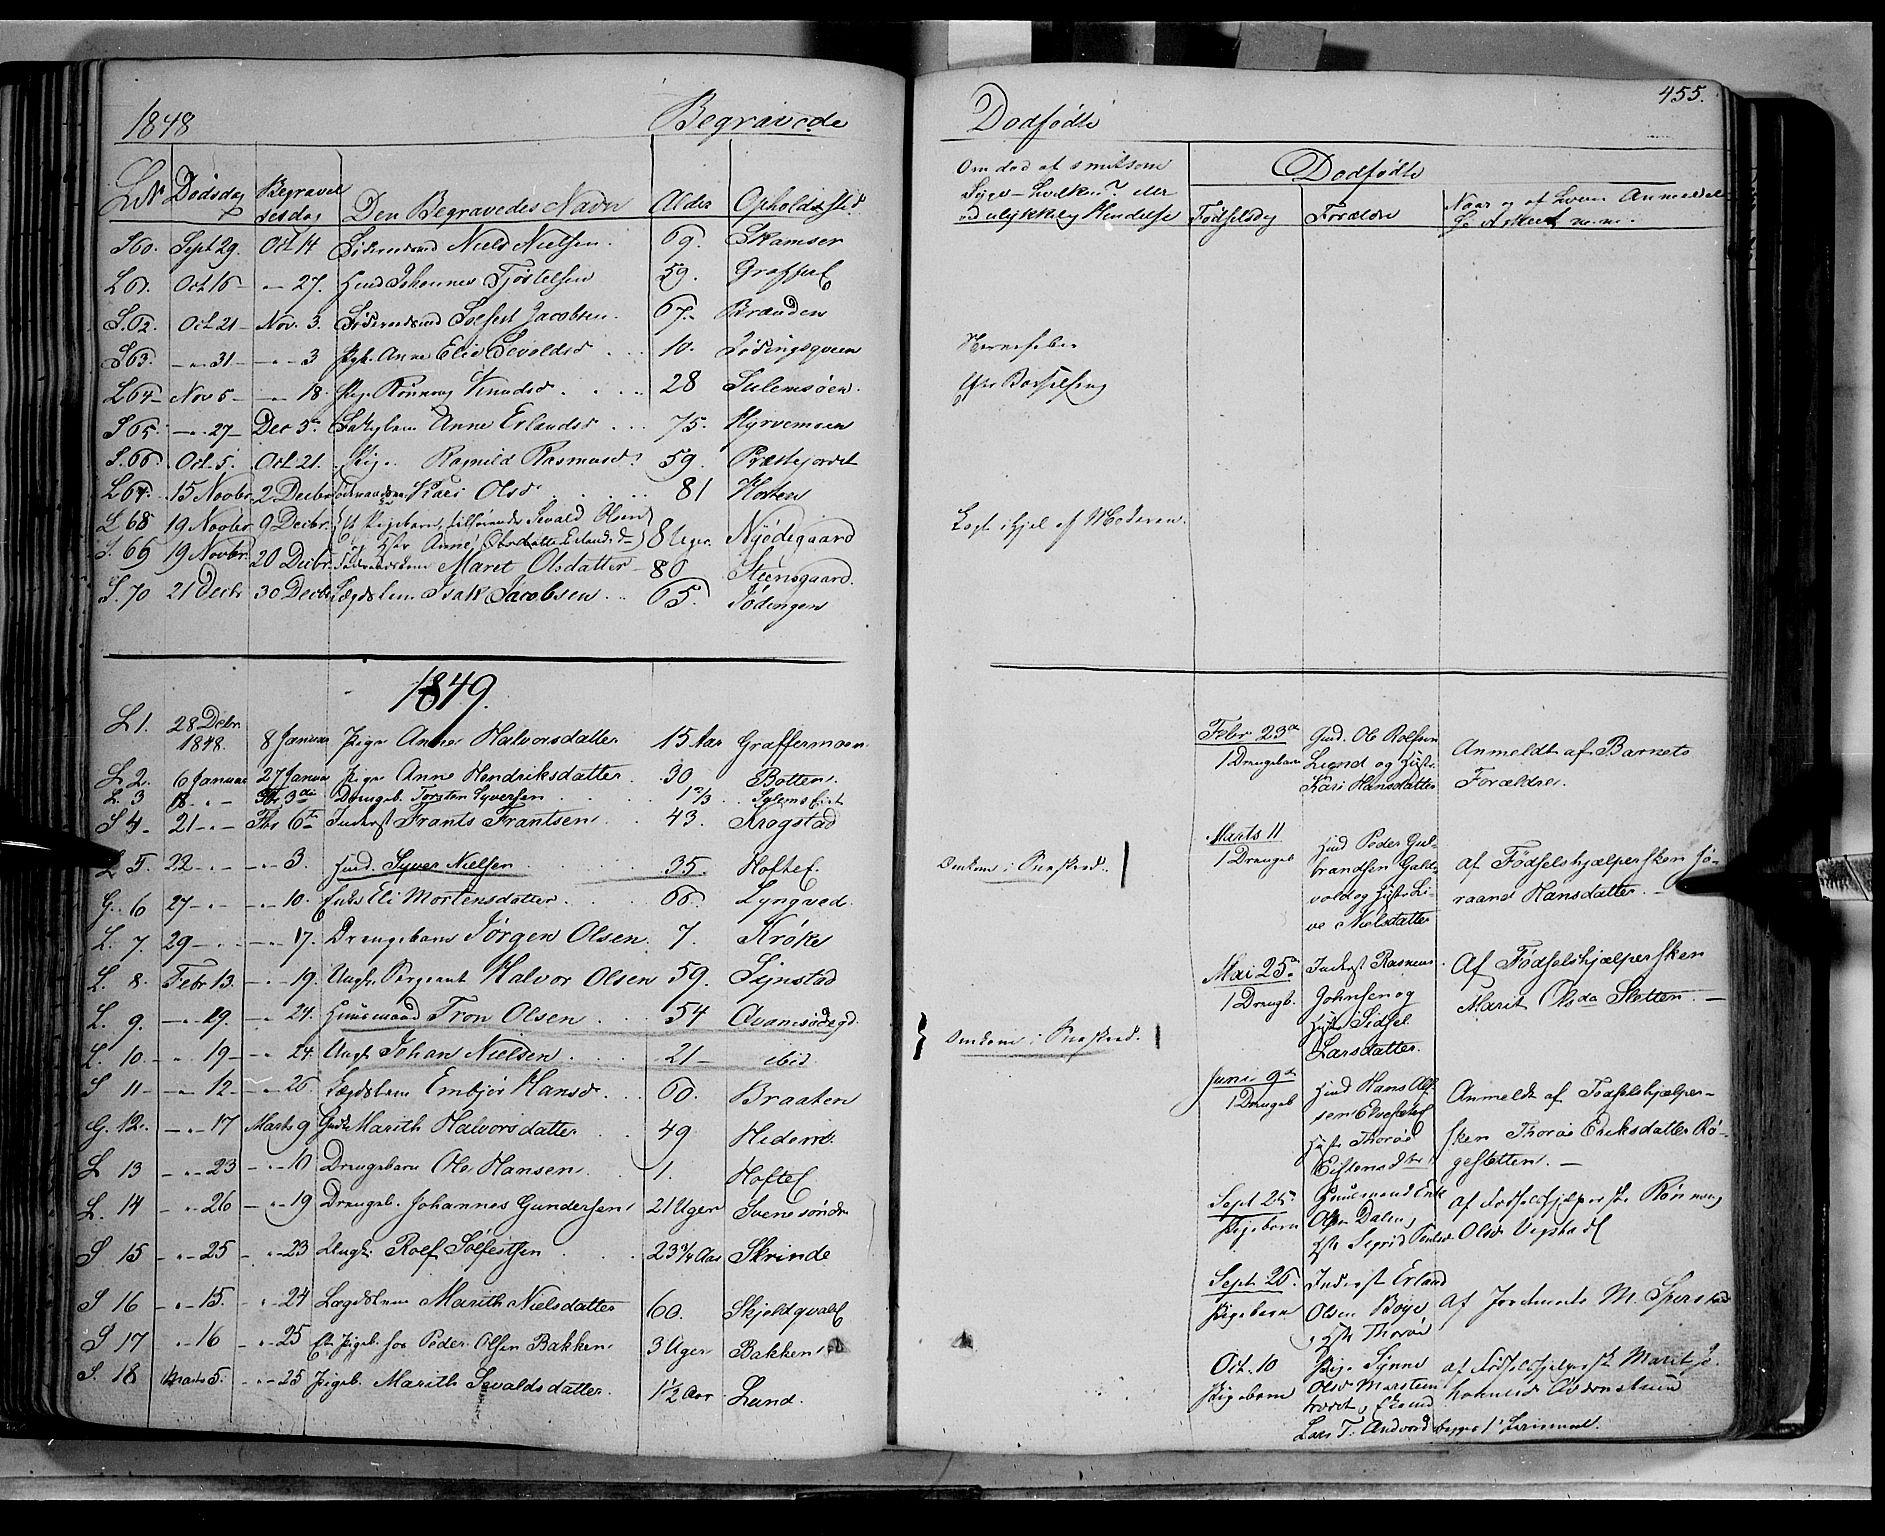 SAH, Lom prestekontor, K/L0006: Ministerialbok nr. 6B, 1837-1863, s. 455